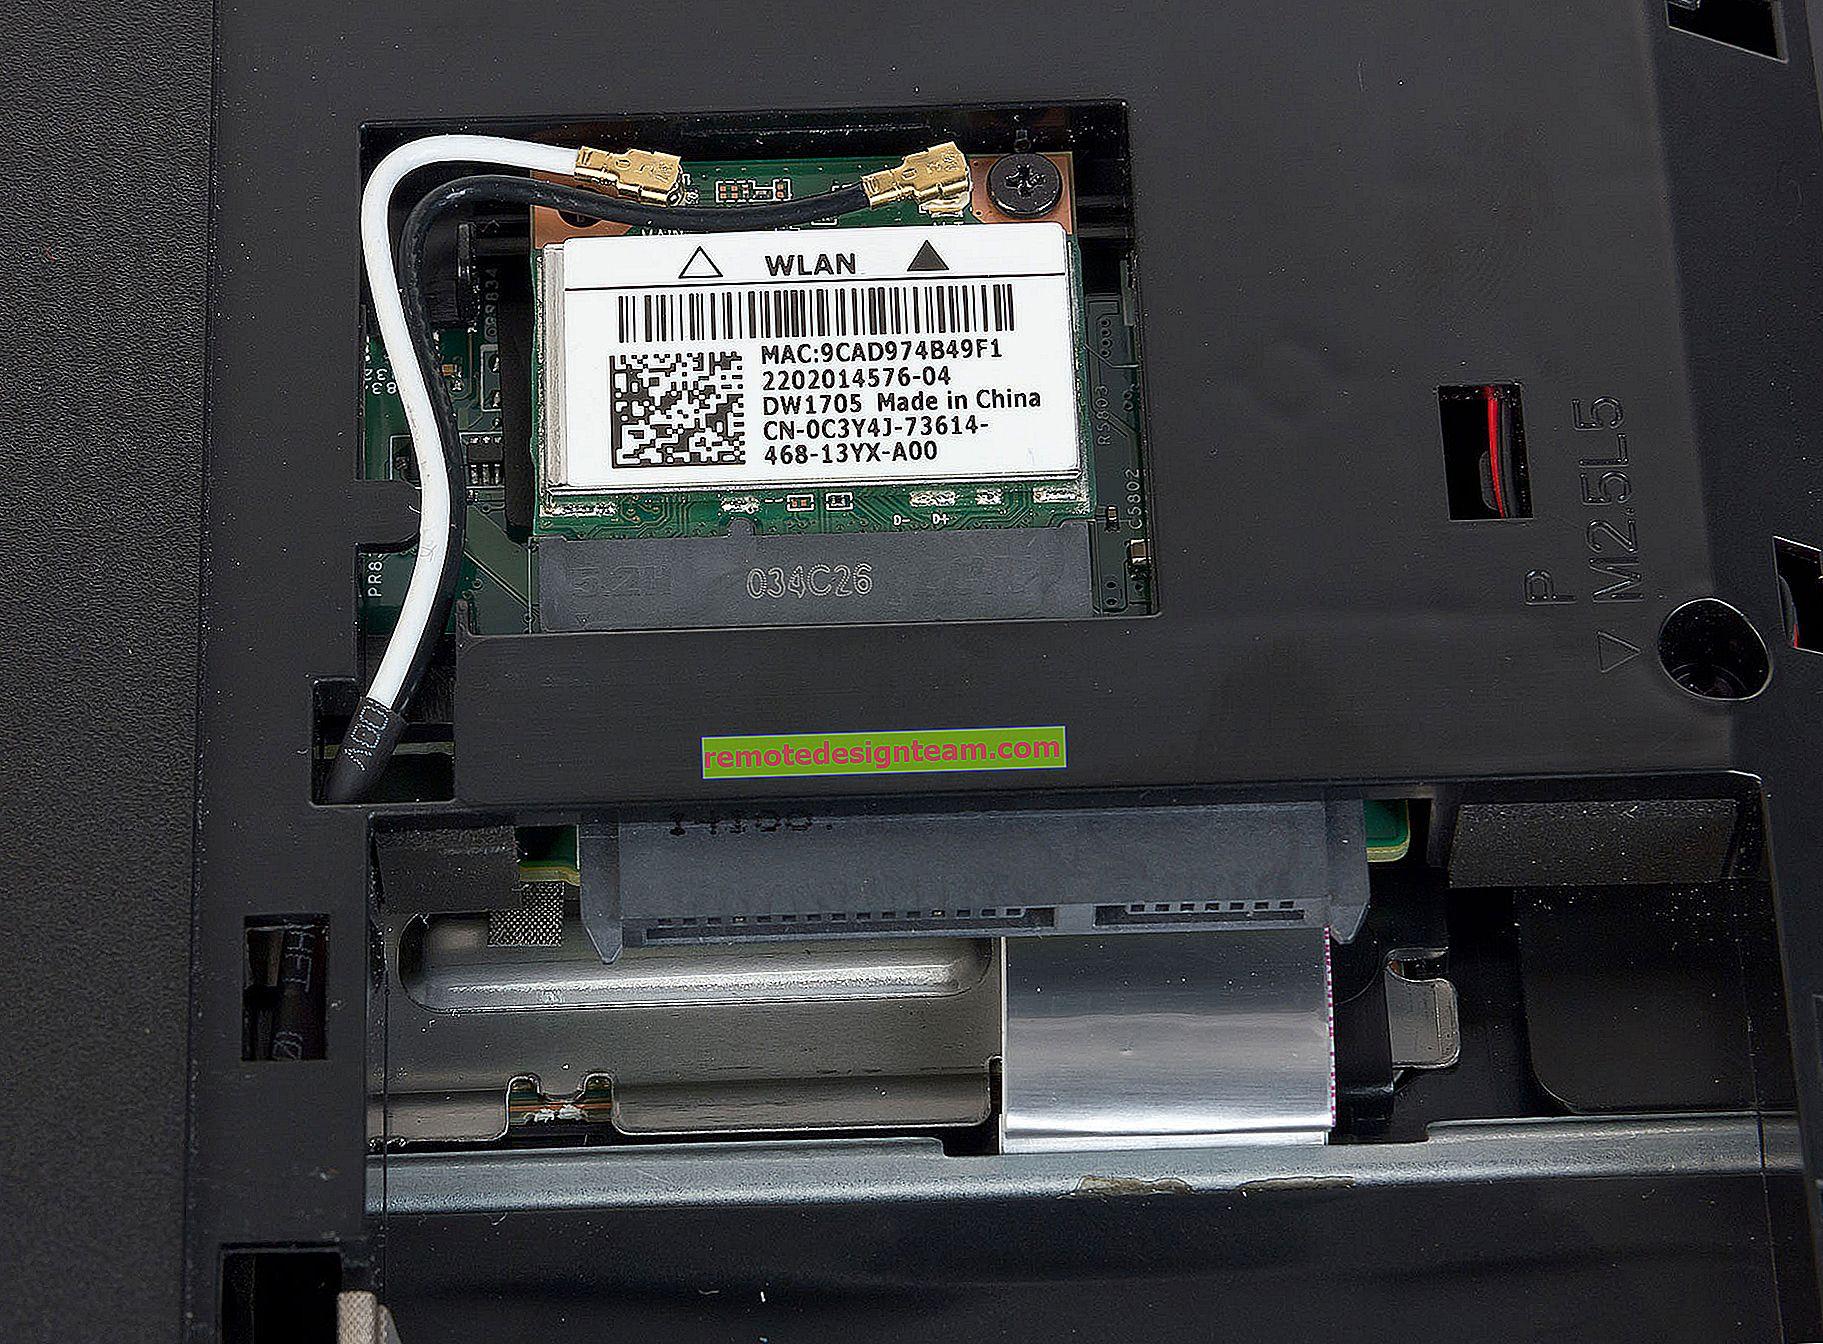 Wi-Fi nie działa na laptopie HP po zainstalowaniu systemu Windows 7 zamiast Windows 10